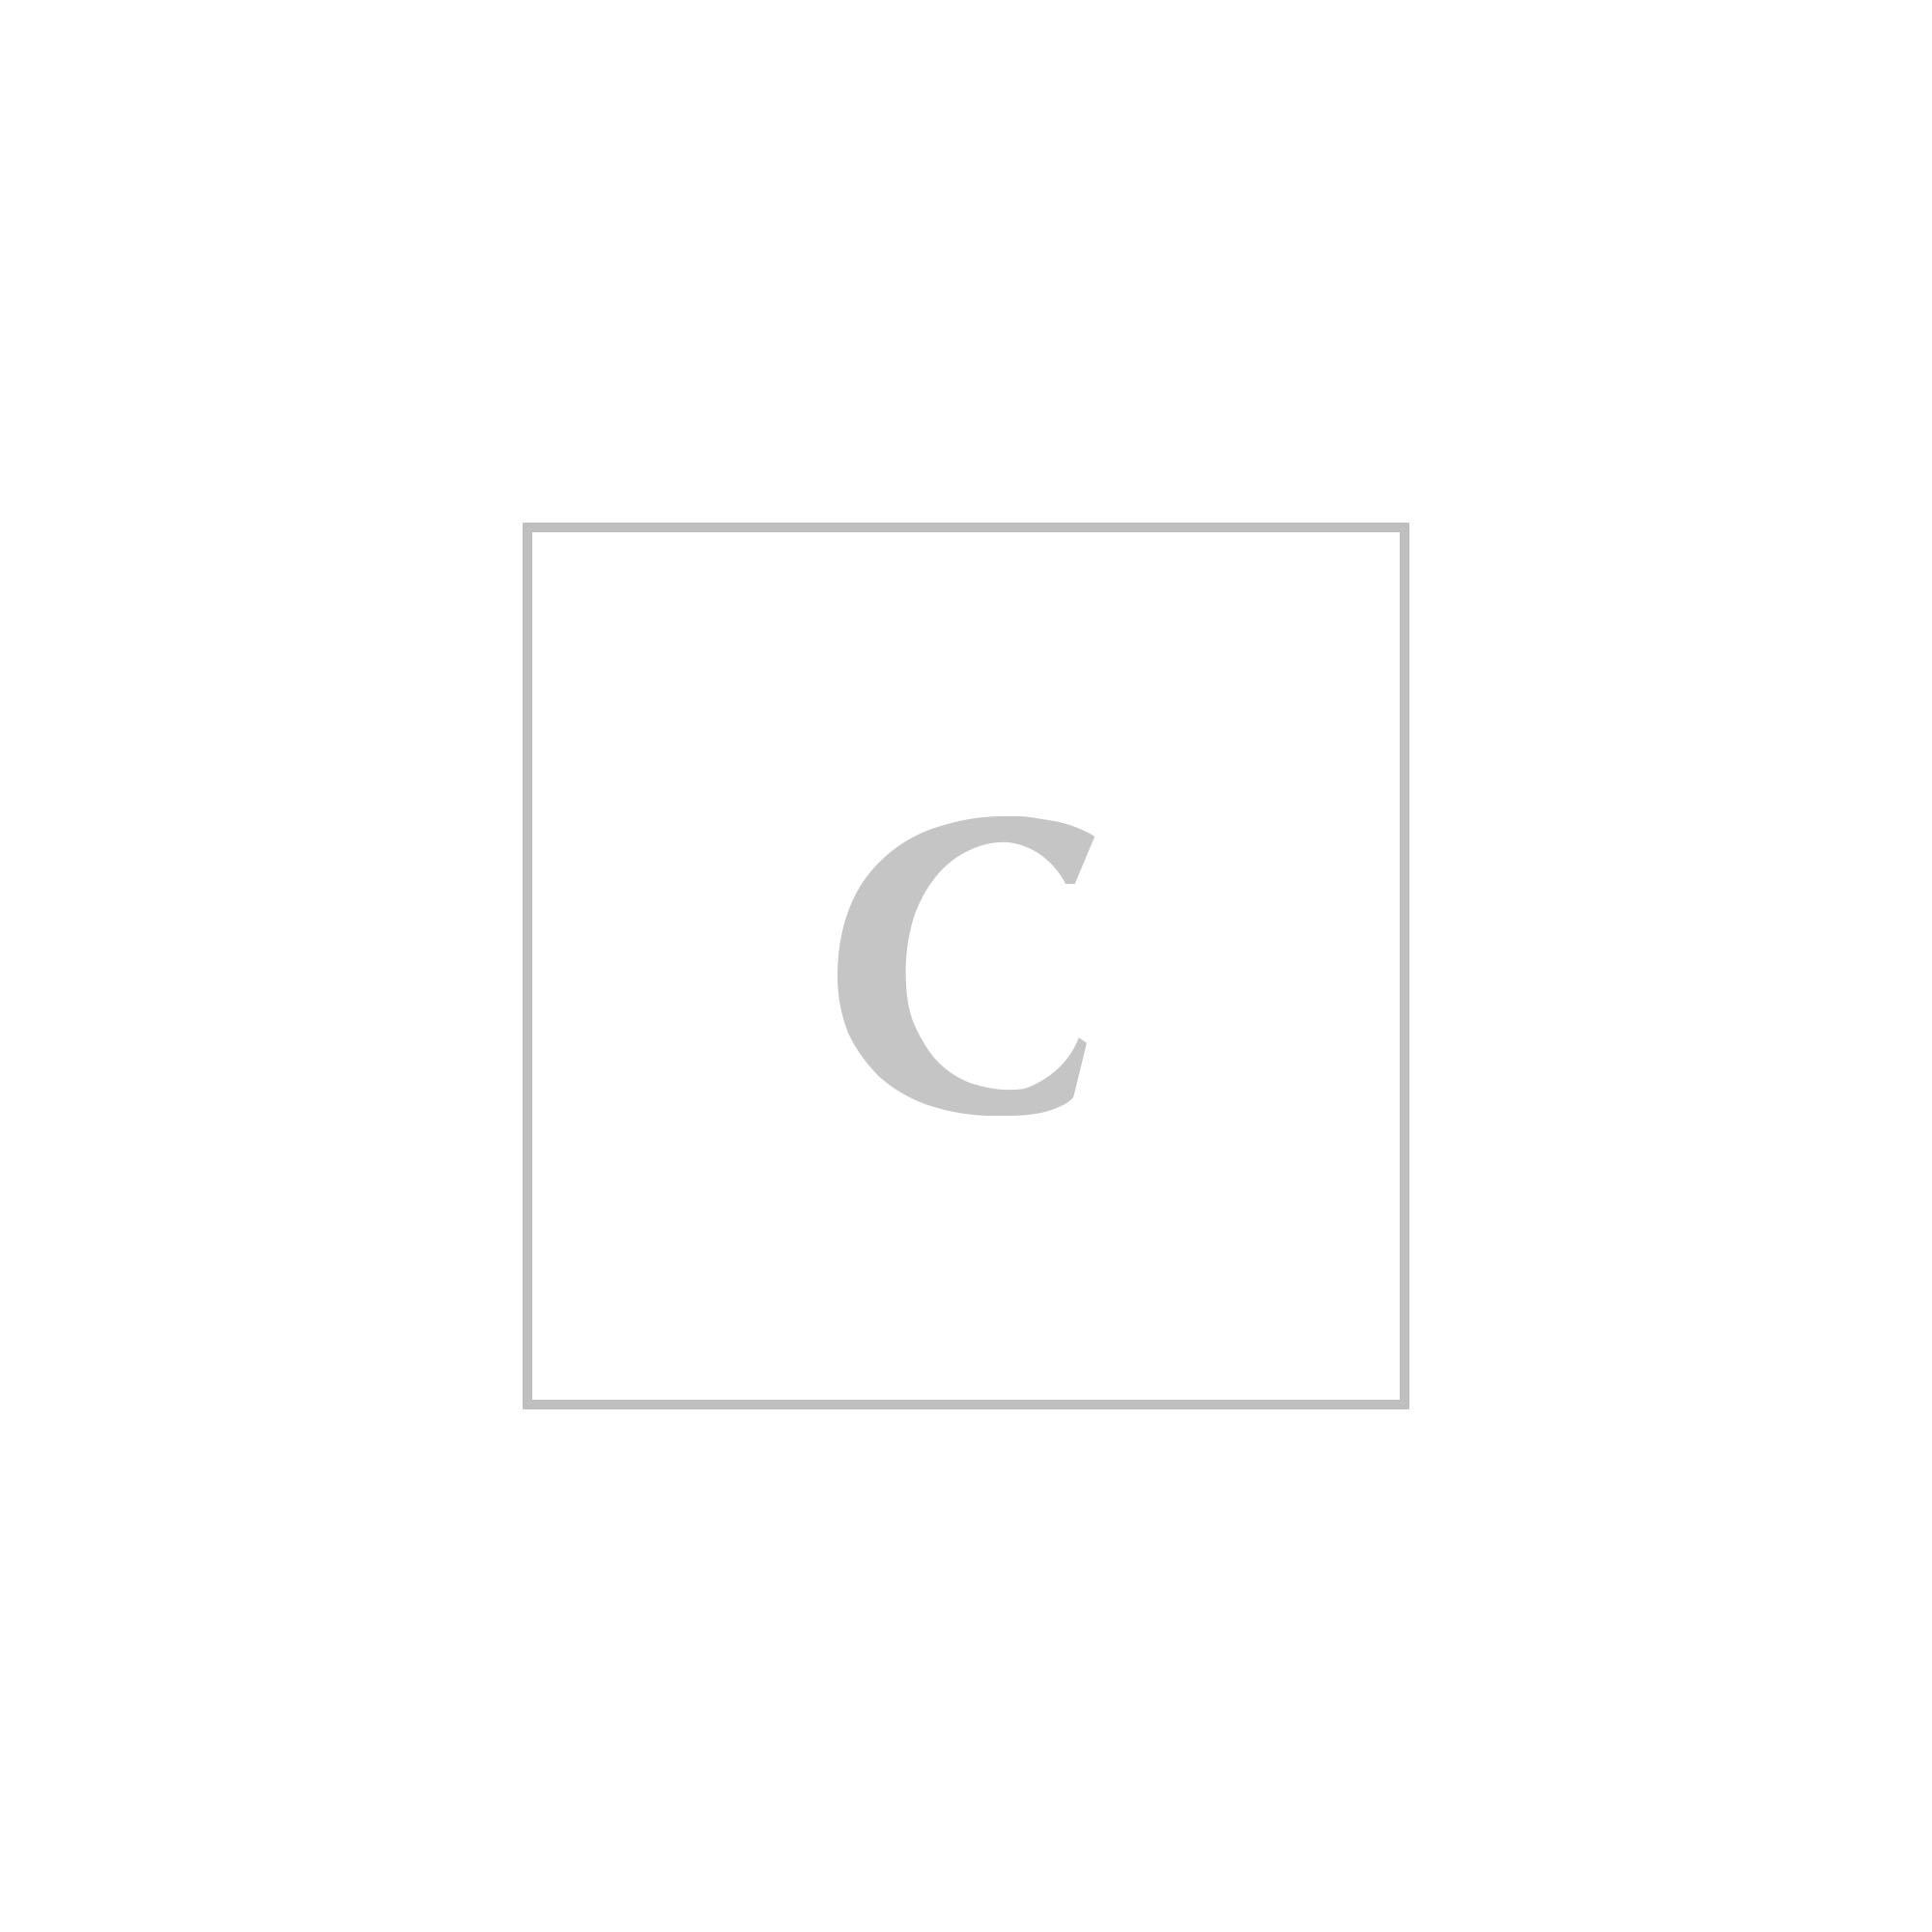 Saint laurent ysl p.foglio marquag147 toile monogramme